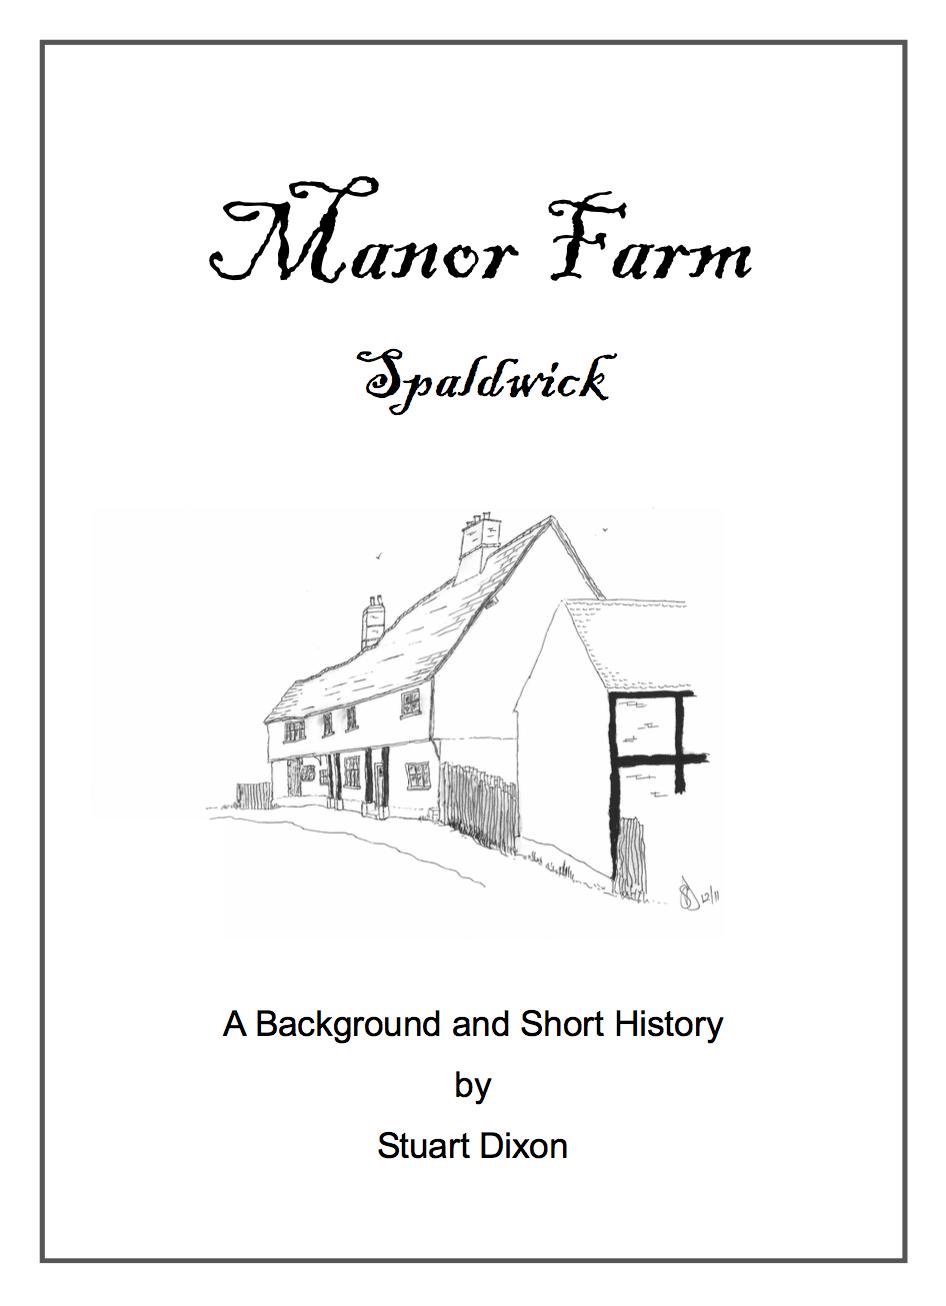 Major Farm history